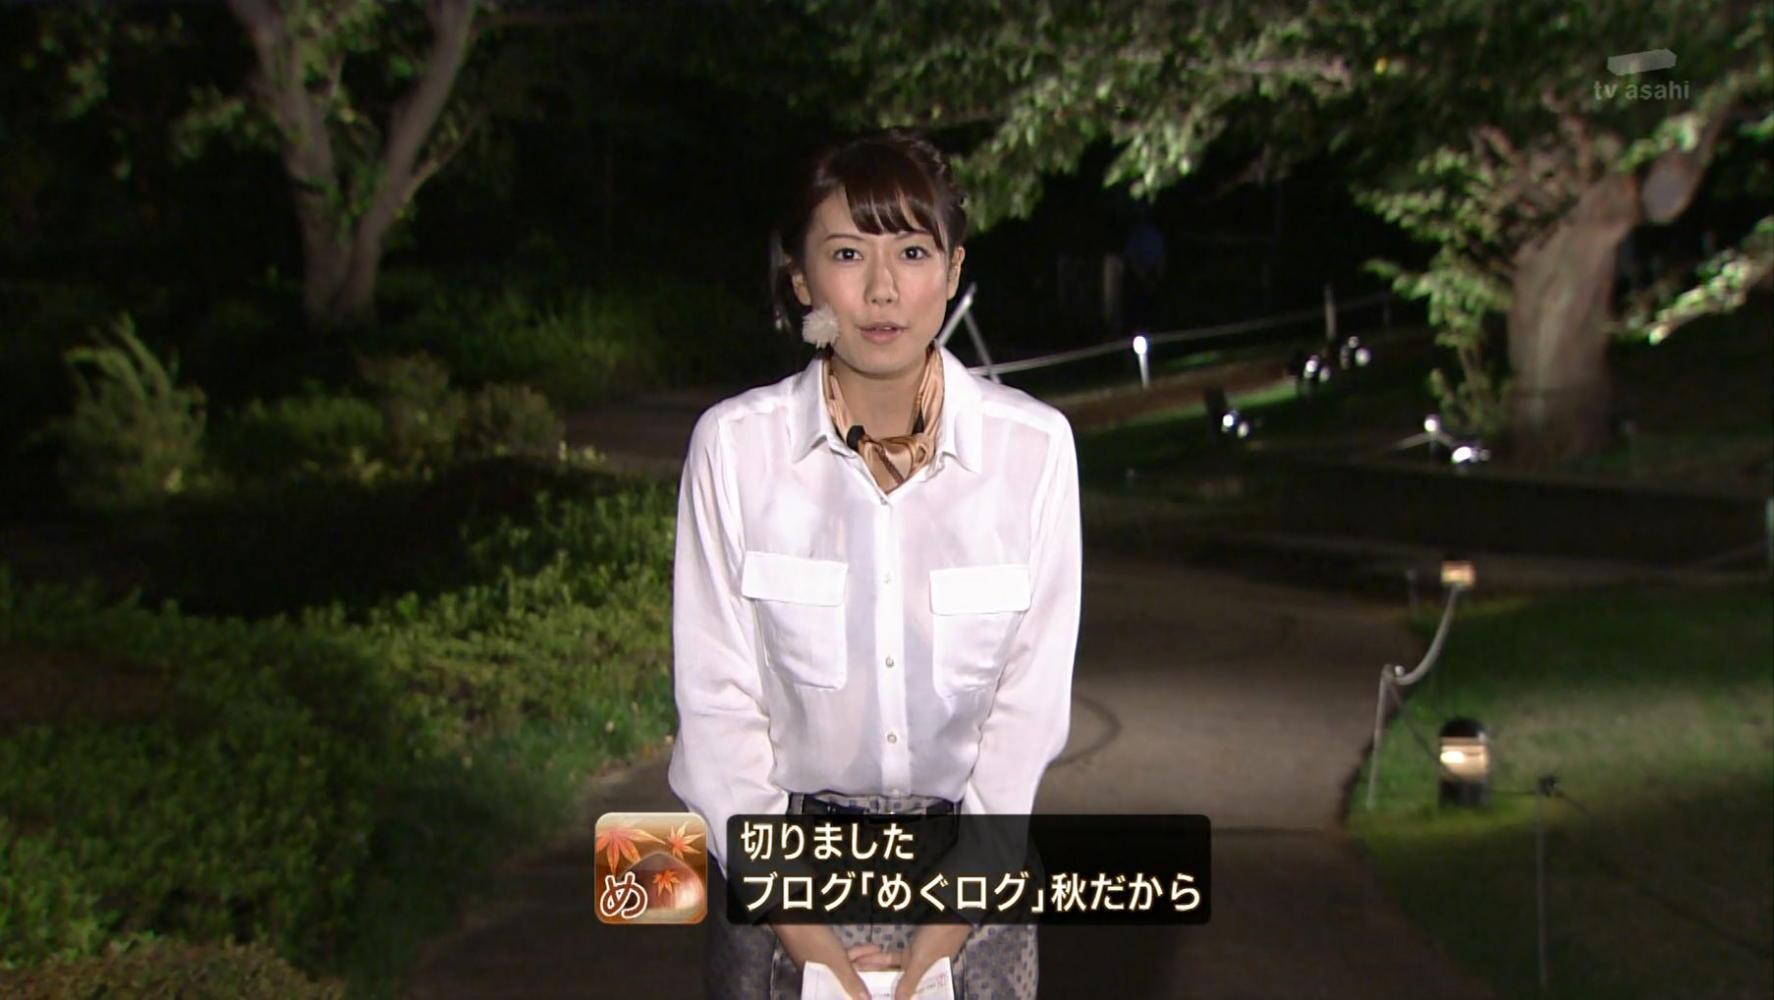 青山愛 (アナウンサー)の画像 p1_36